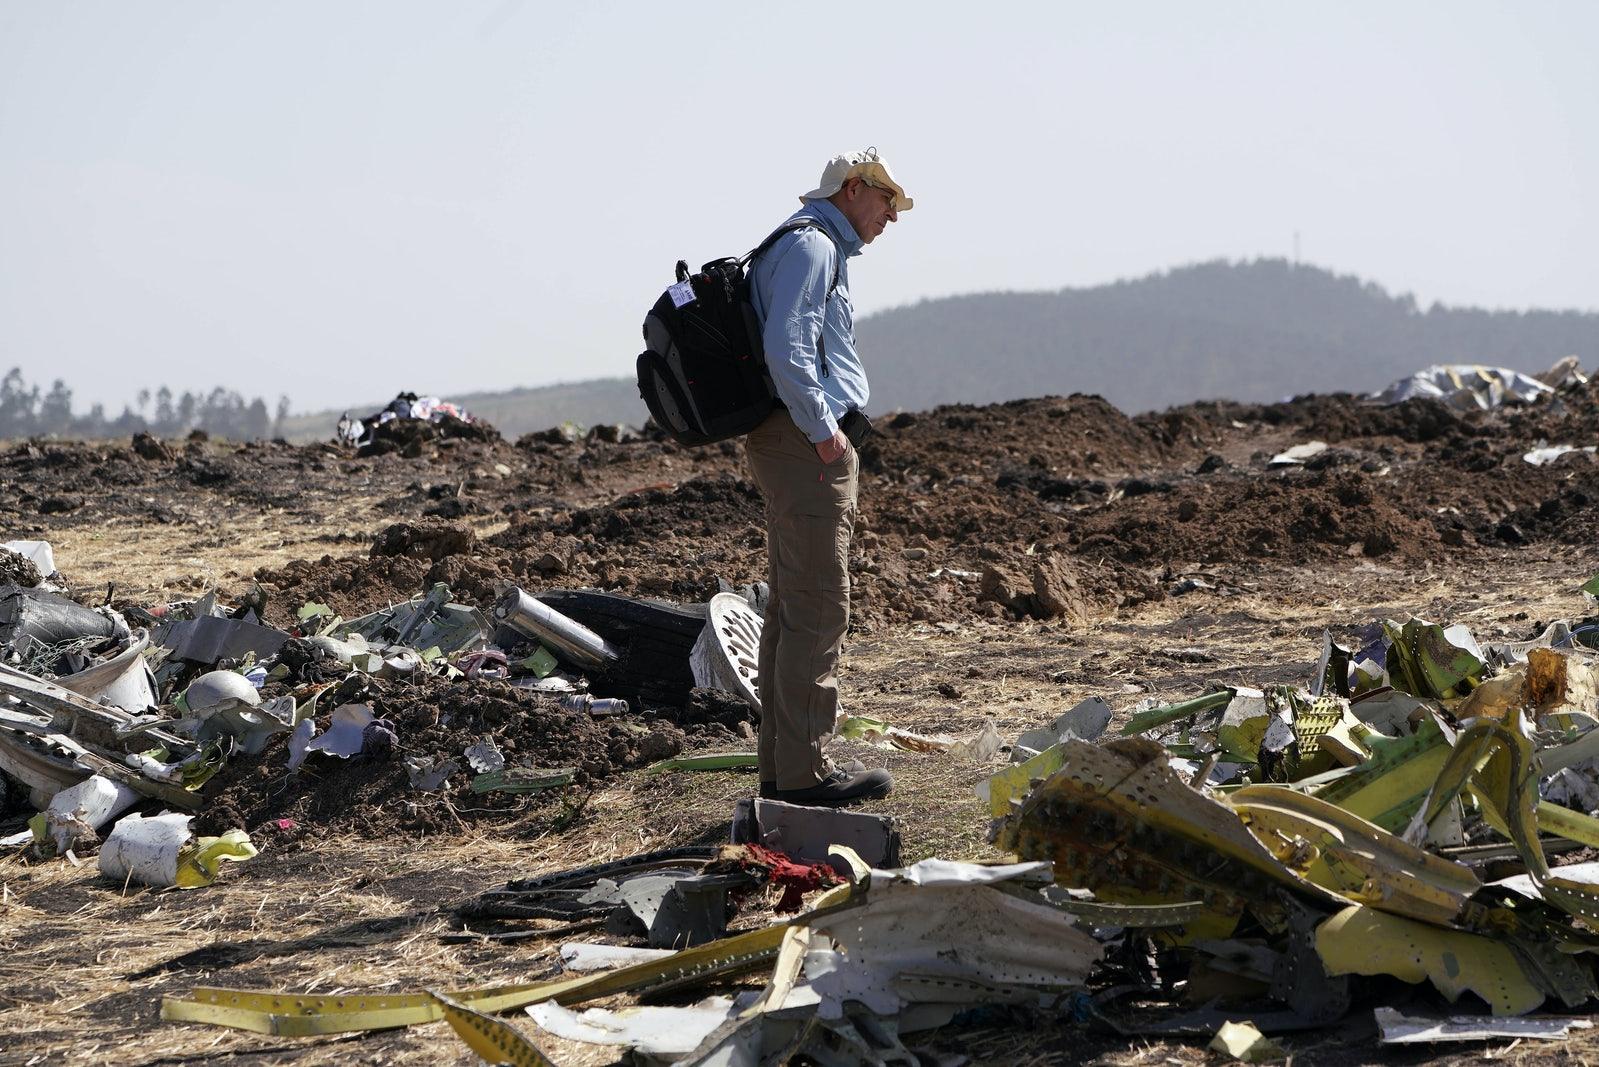 Краш-курс: Как менеджерская революция Boeing породила катастрофу 737 MAX - 2